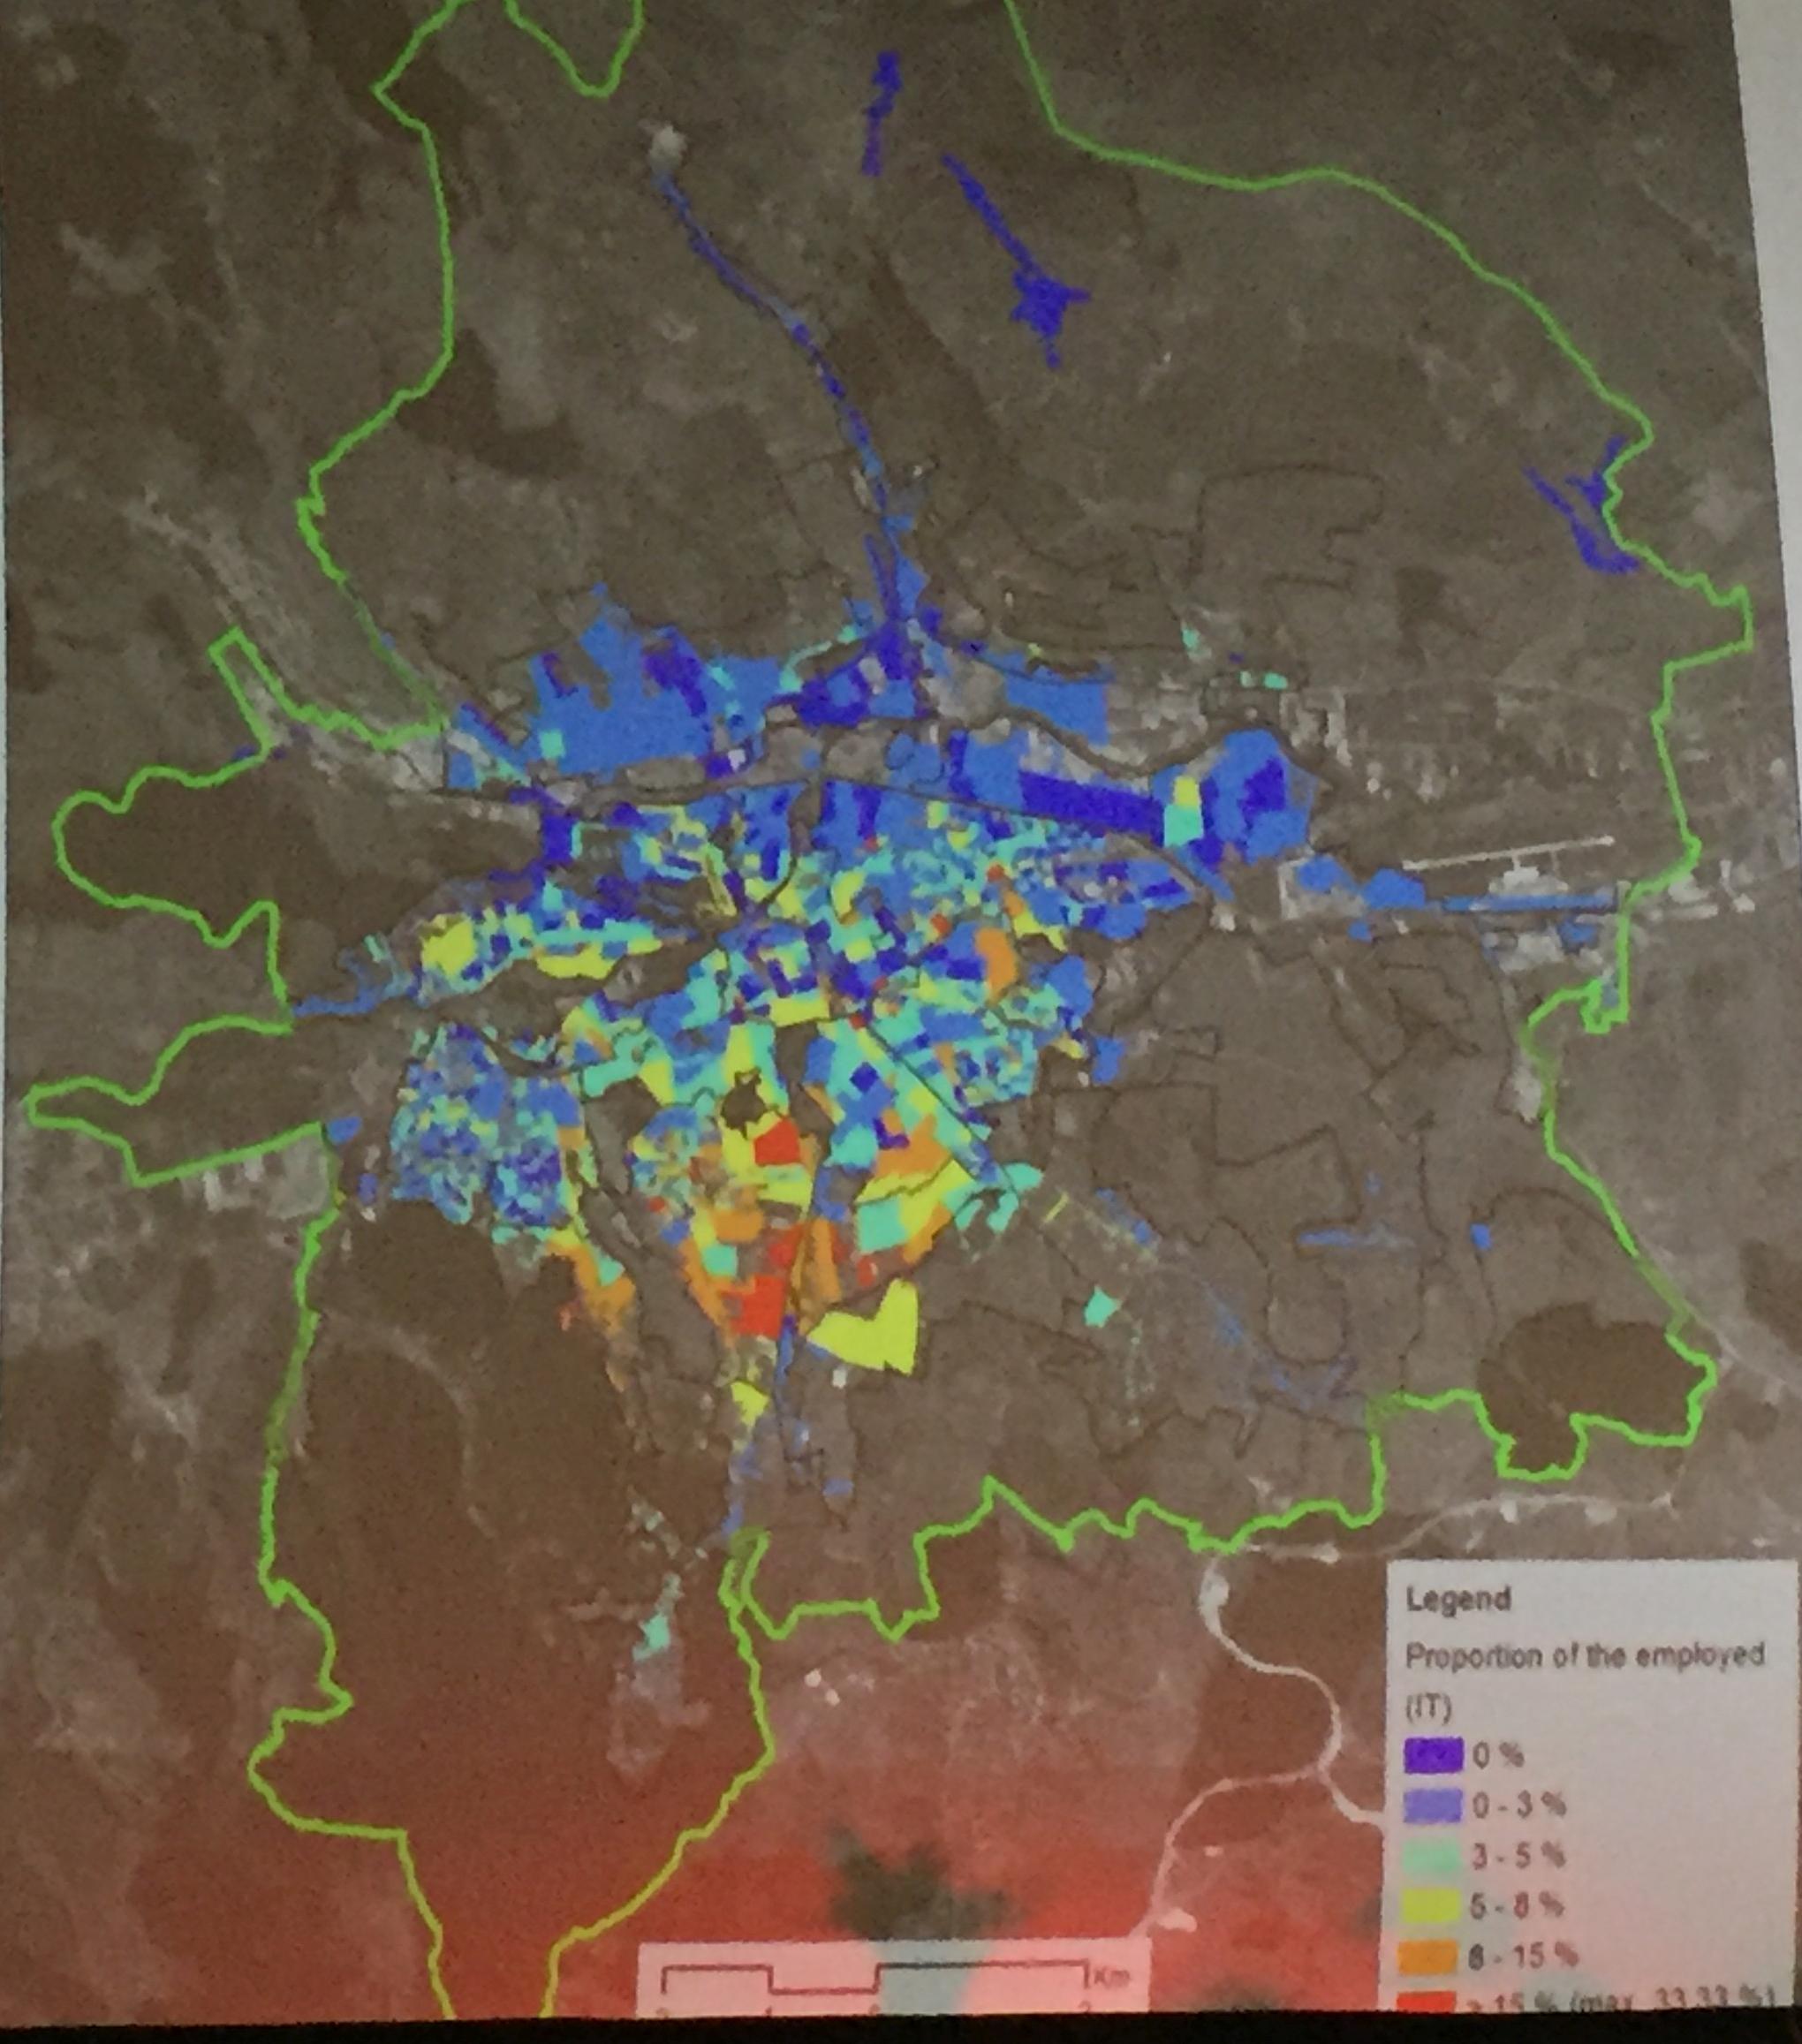 Populația angajată în IT, pe cariere, în Cluj, sursa foto: studiu Transport mobility and socio-spatial segregation, coordonator Benedek Jozsef